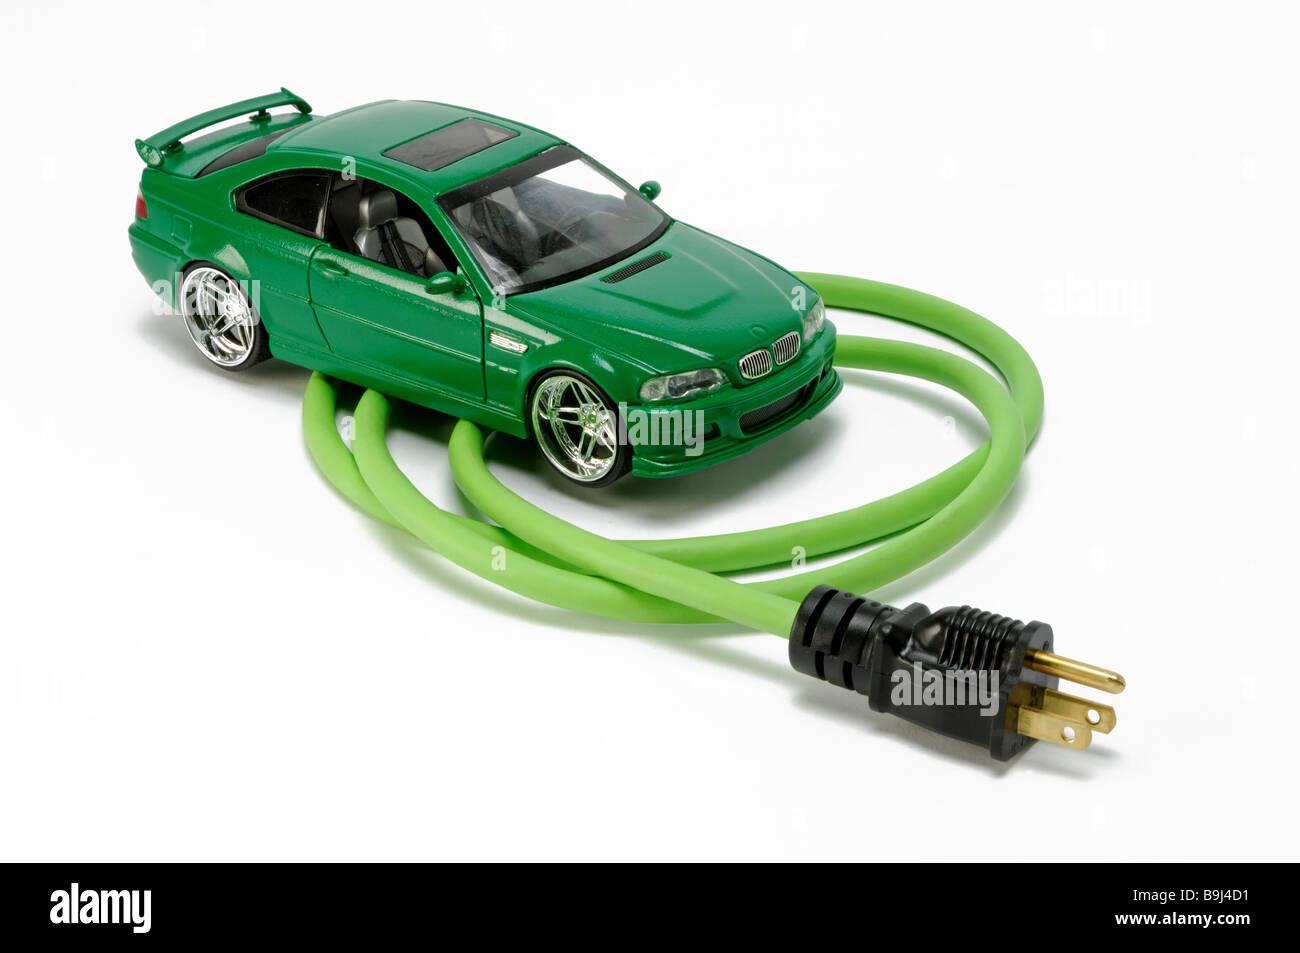 Ein grünes Auto Fahrzeug Auto mit einem grünen elektrischen Verlängerung Schnur Leistungsteil mit Stockbild